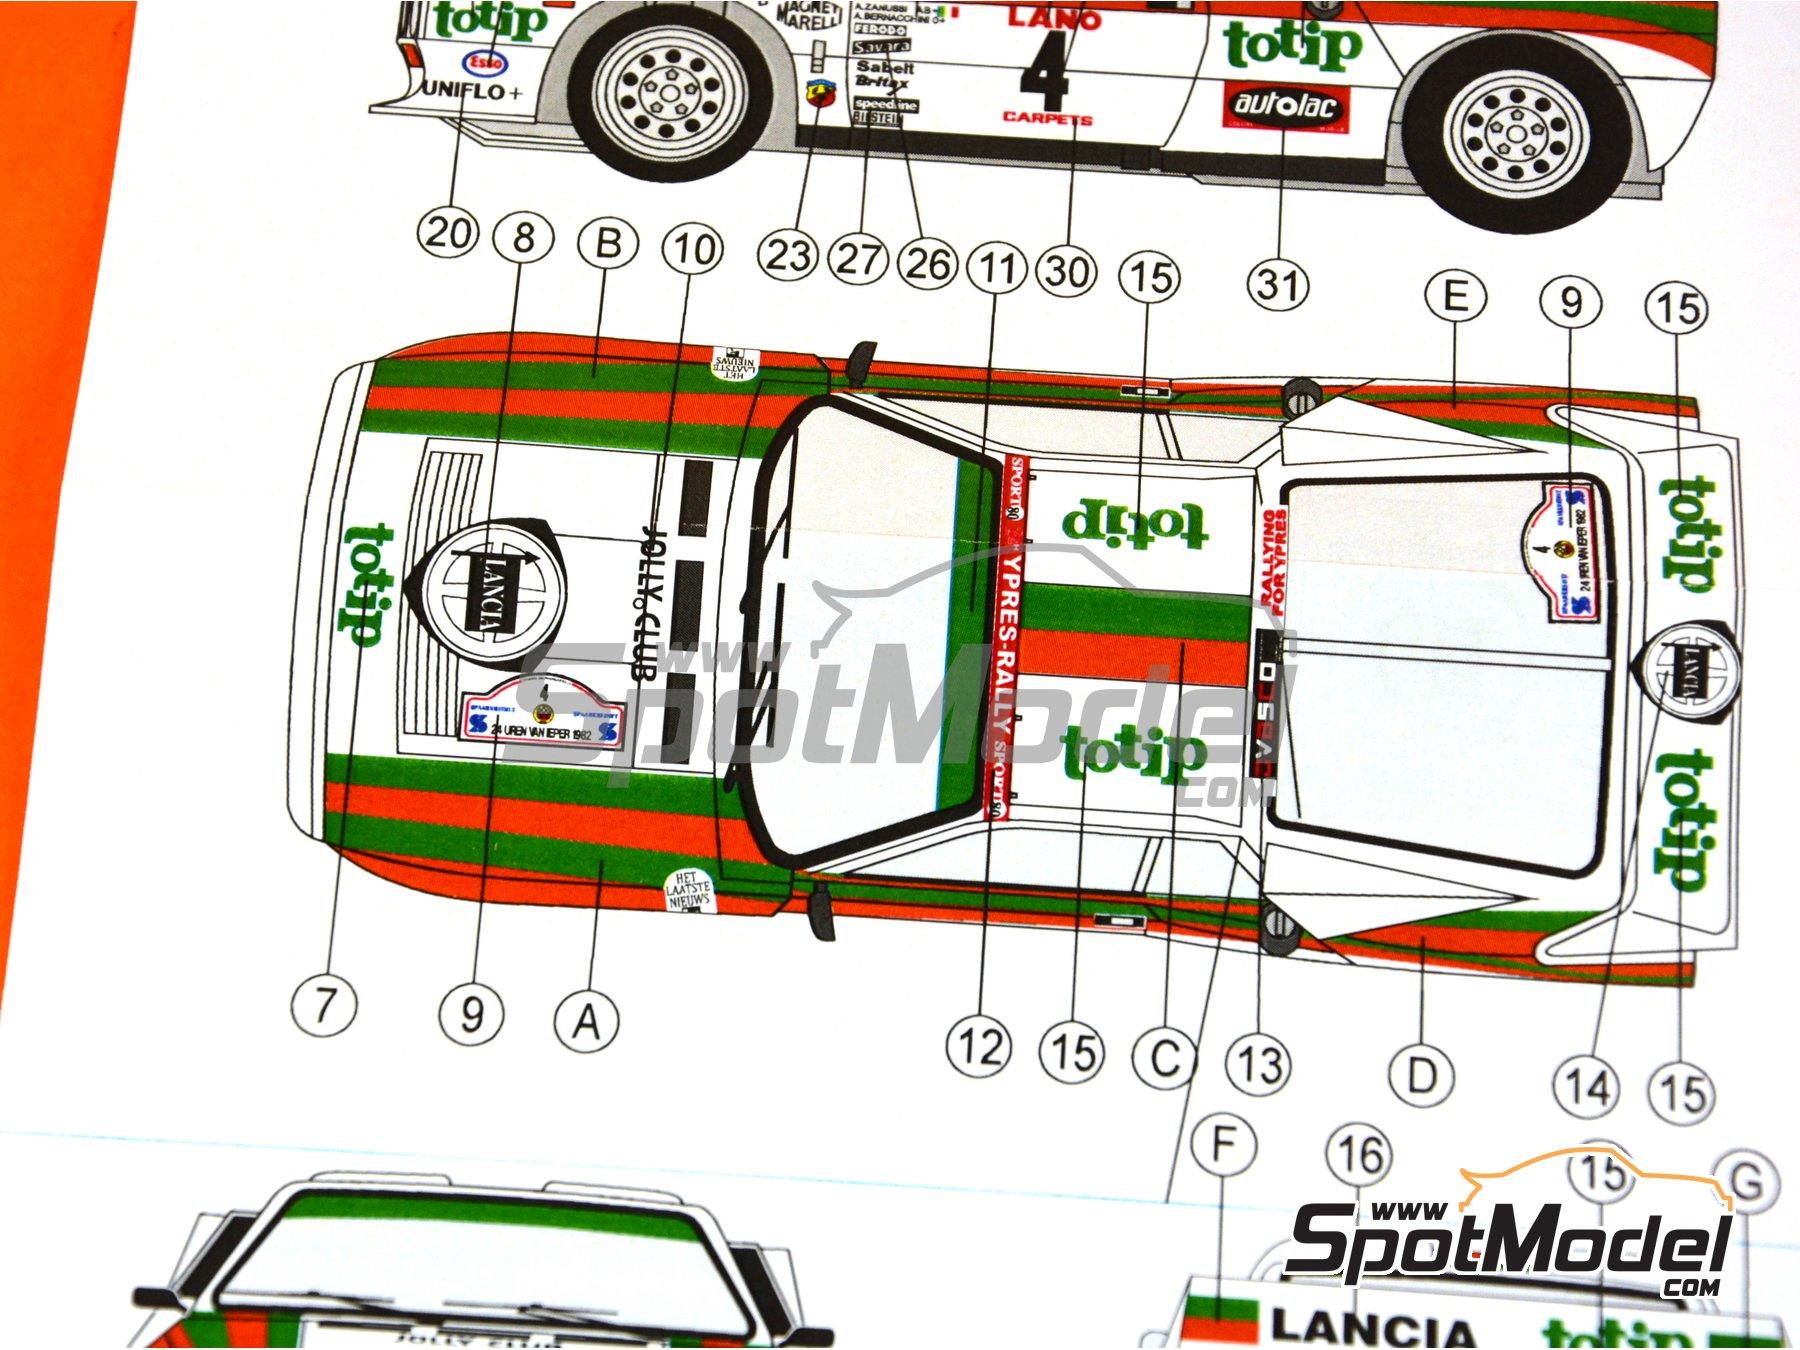 Image 15: Lancia 037 WRC Totip - Rally de Ypres de Belgica 1982   Transkit en escala1/24 fabricado por Reji Model (ref.REJI-234)